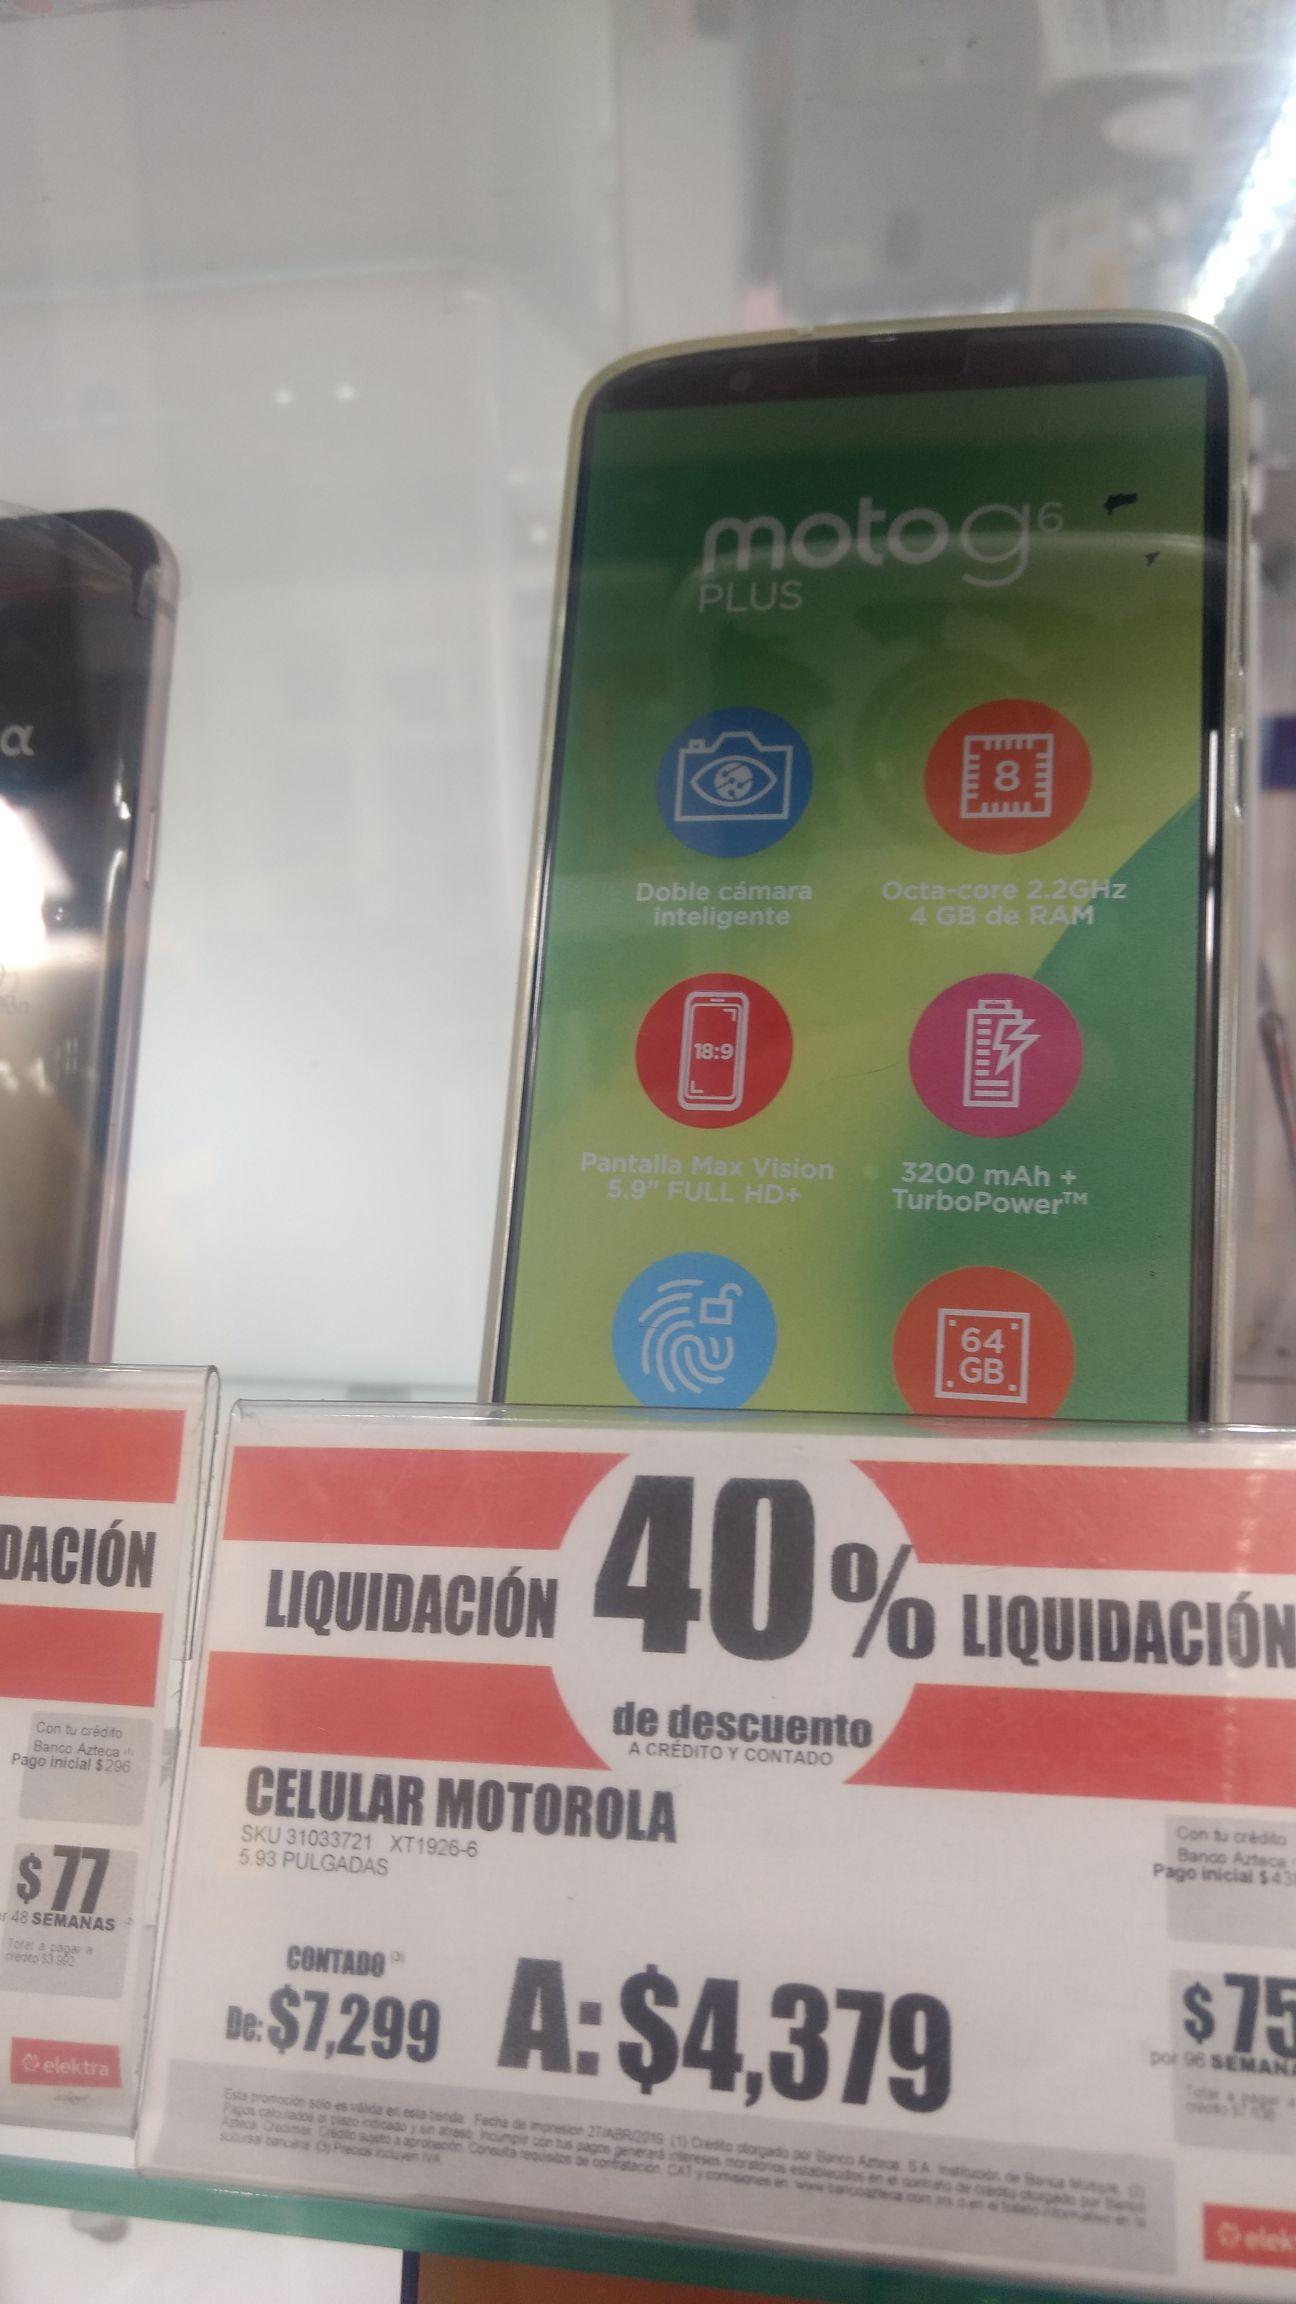 Elektra: Moto G6 Plus XT1926-6 4GB RAM / 64GB ROM